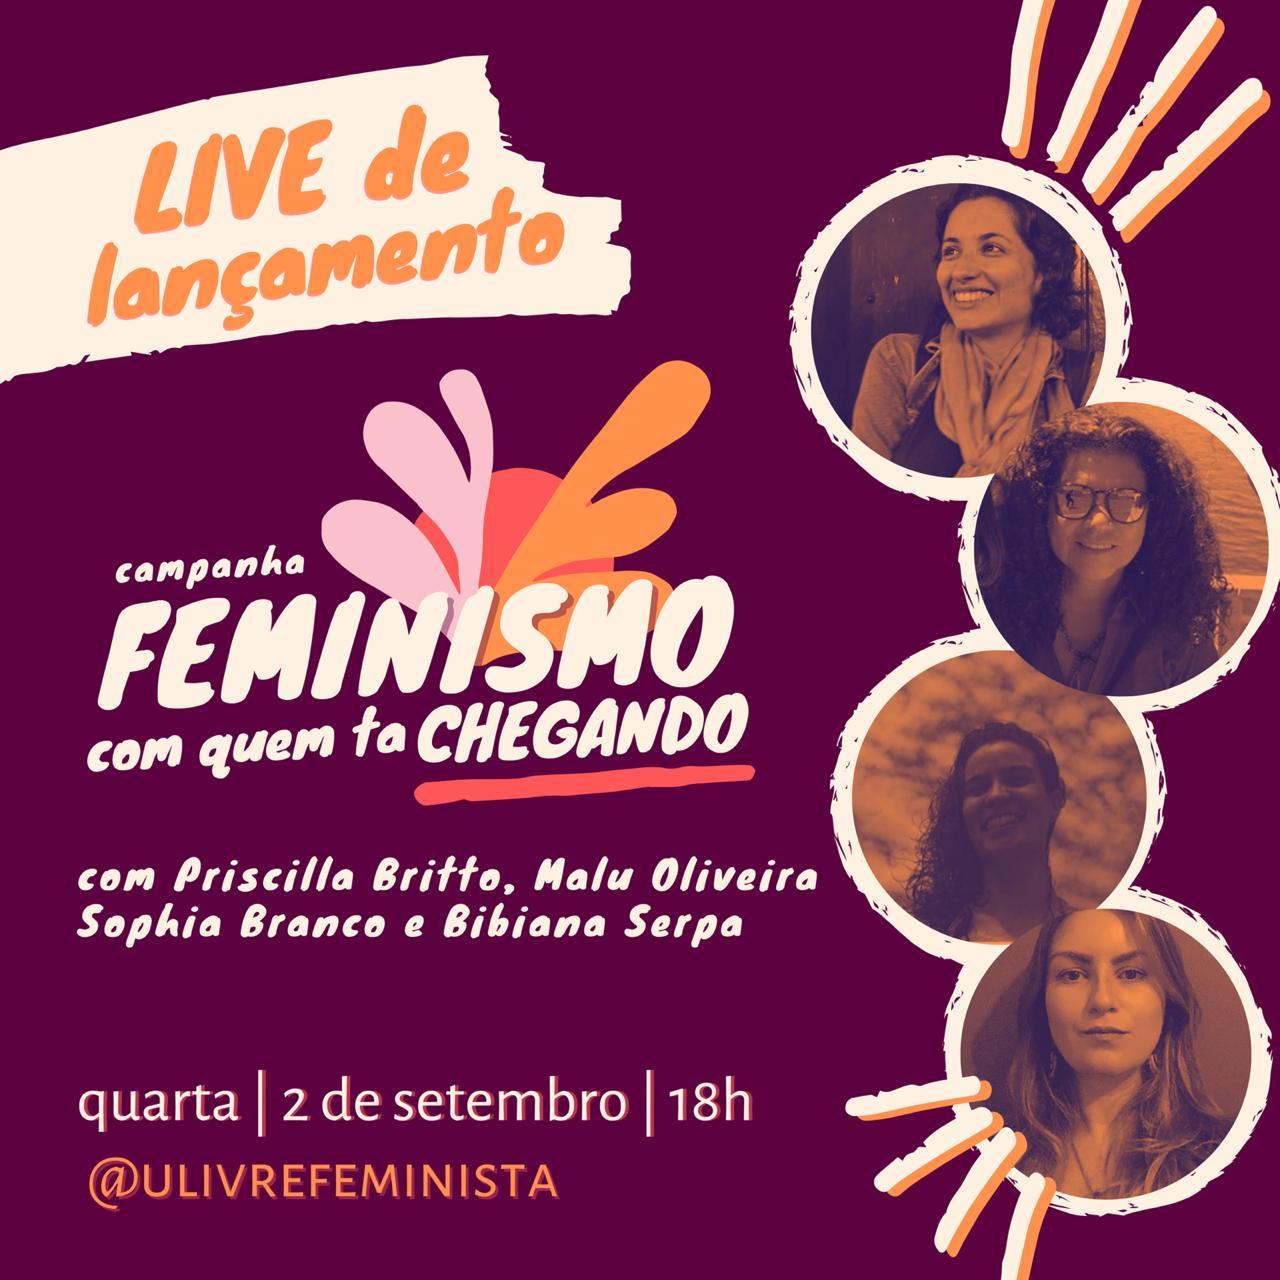 """Campanha """"Feminismo com quem tá chegando"""""""